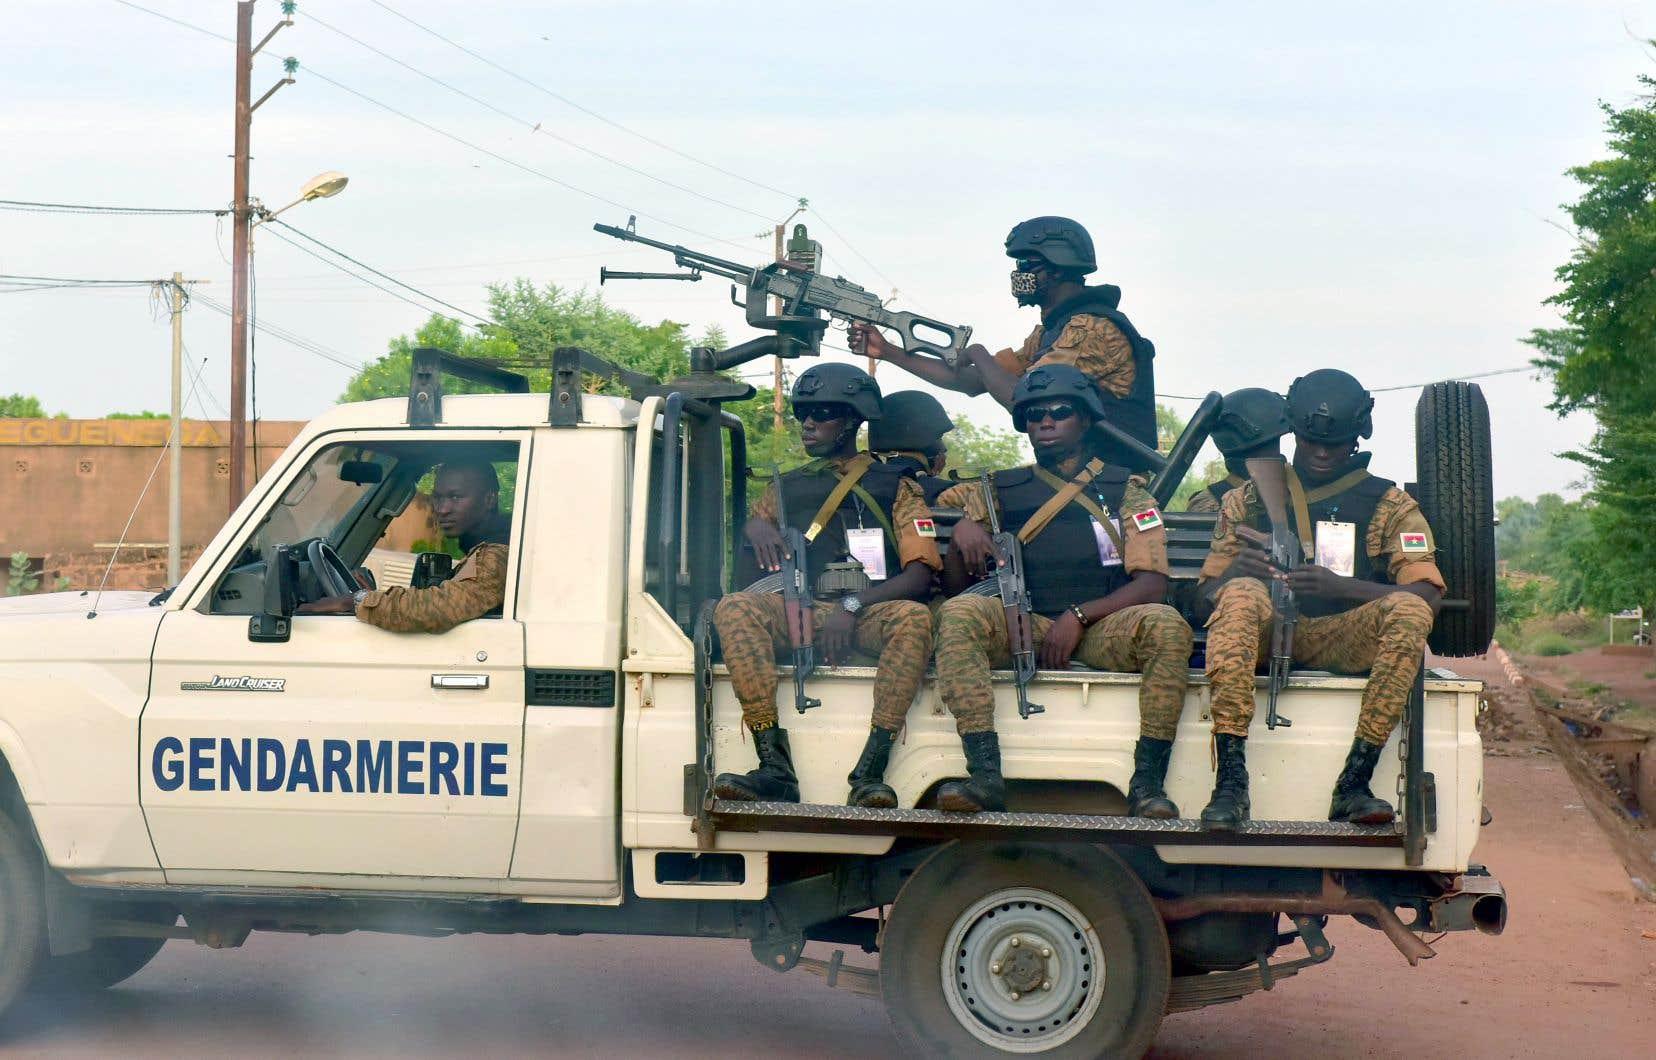 L'insécurité s'est étendue à l'est du Burkina Faso depuis plusieurs mois en raison de l'entrée de djihadistes sur ce territoire.